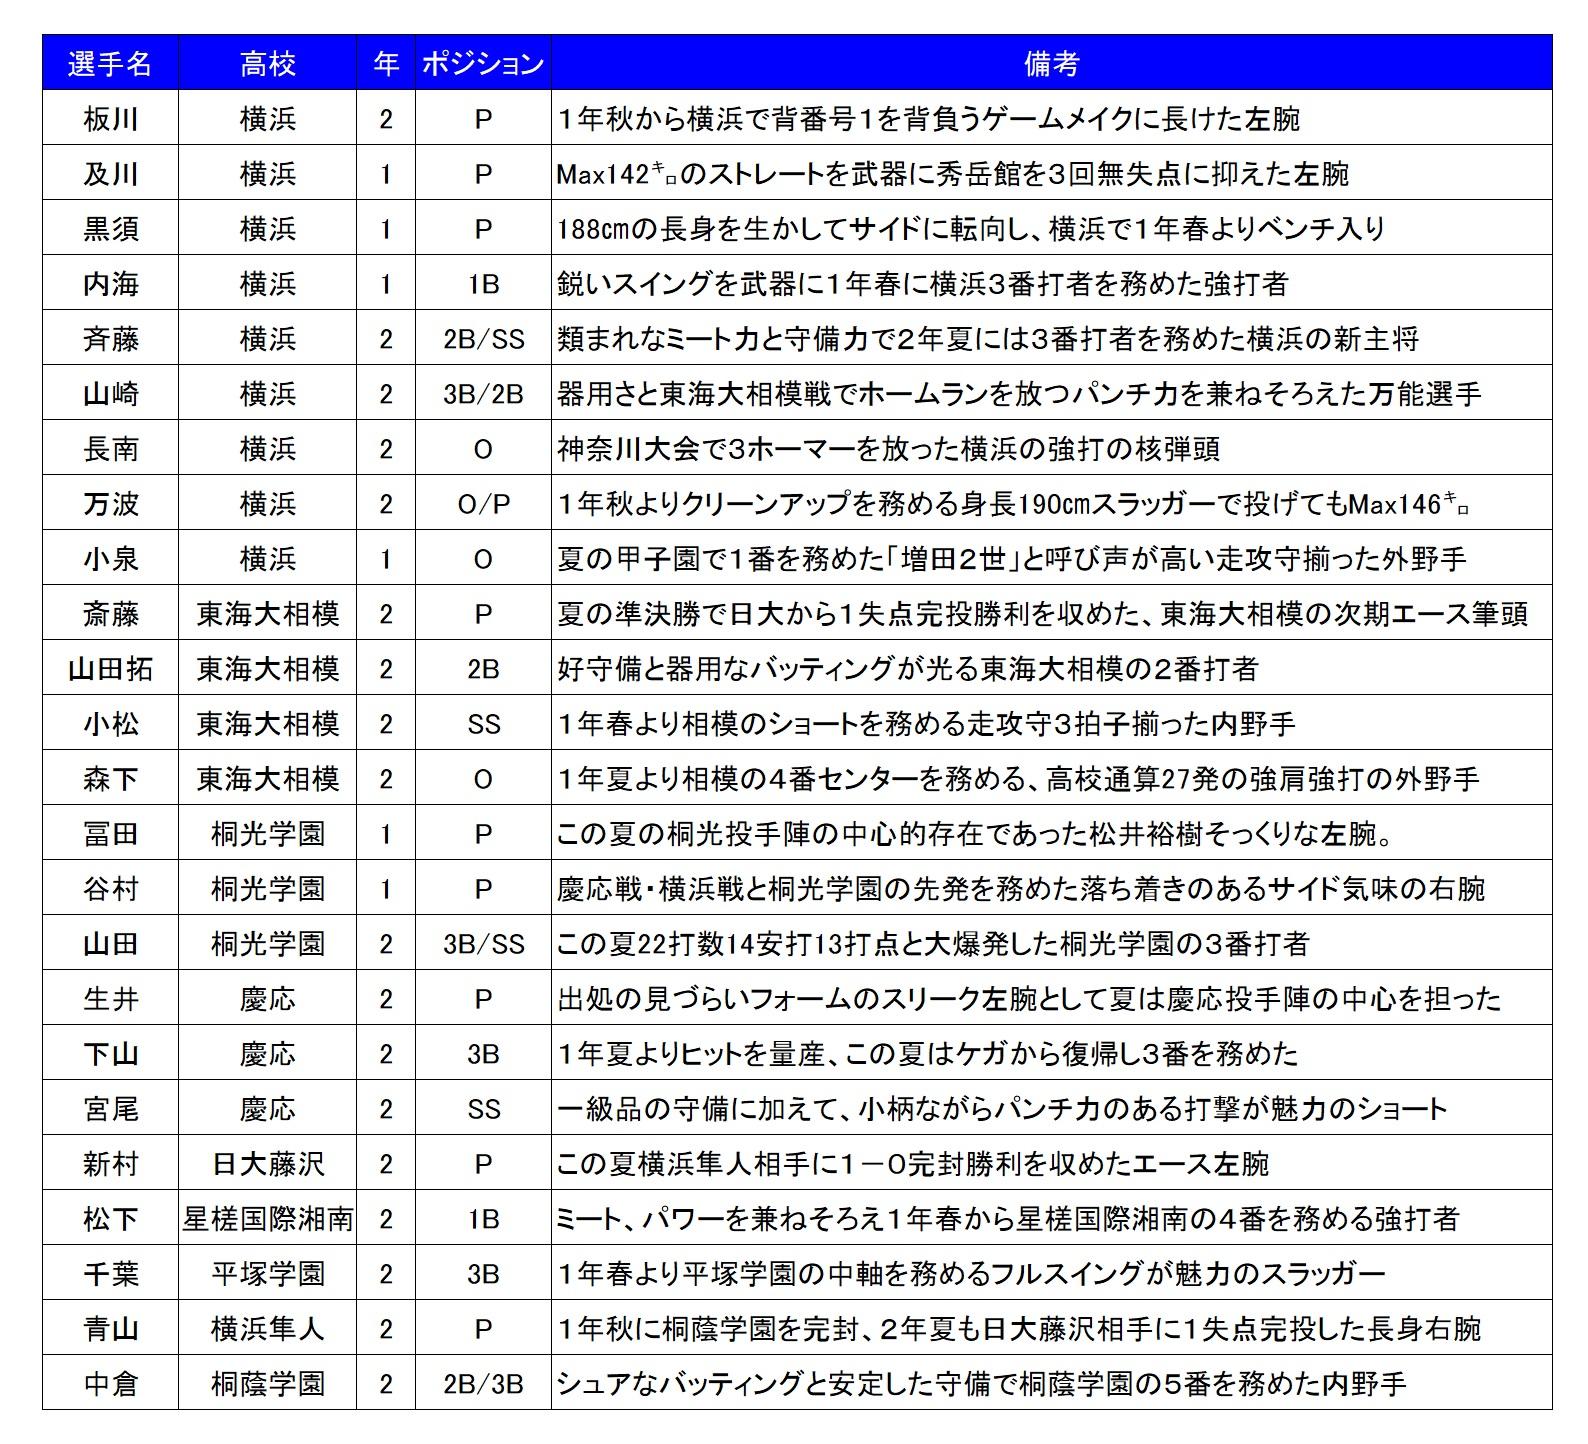 2017秋神奈川注目選手